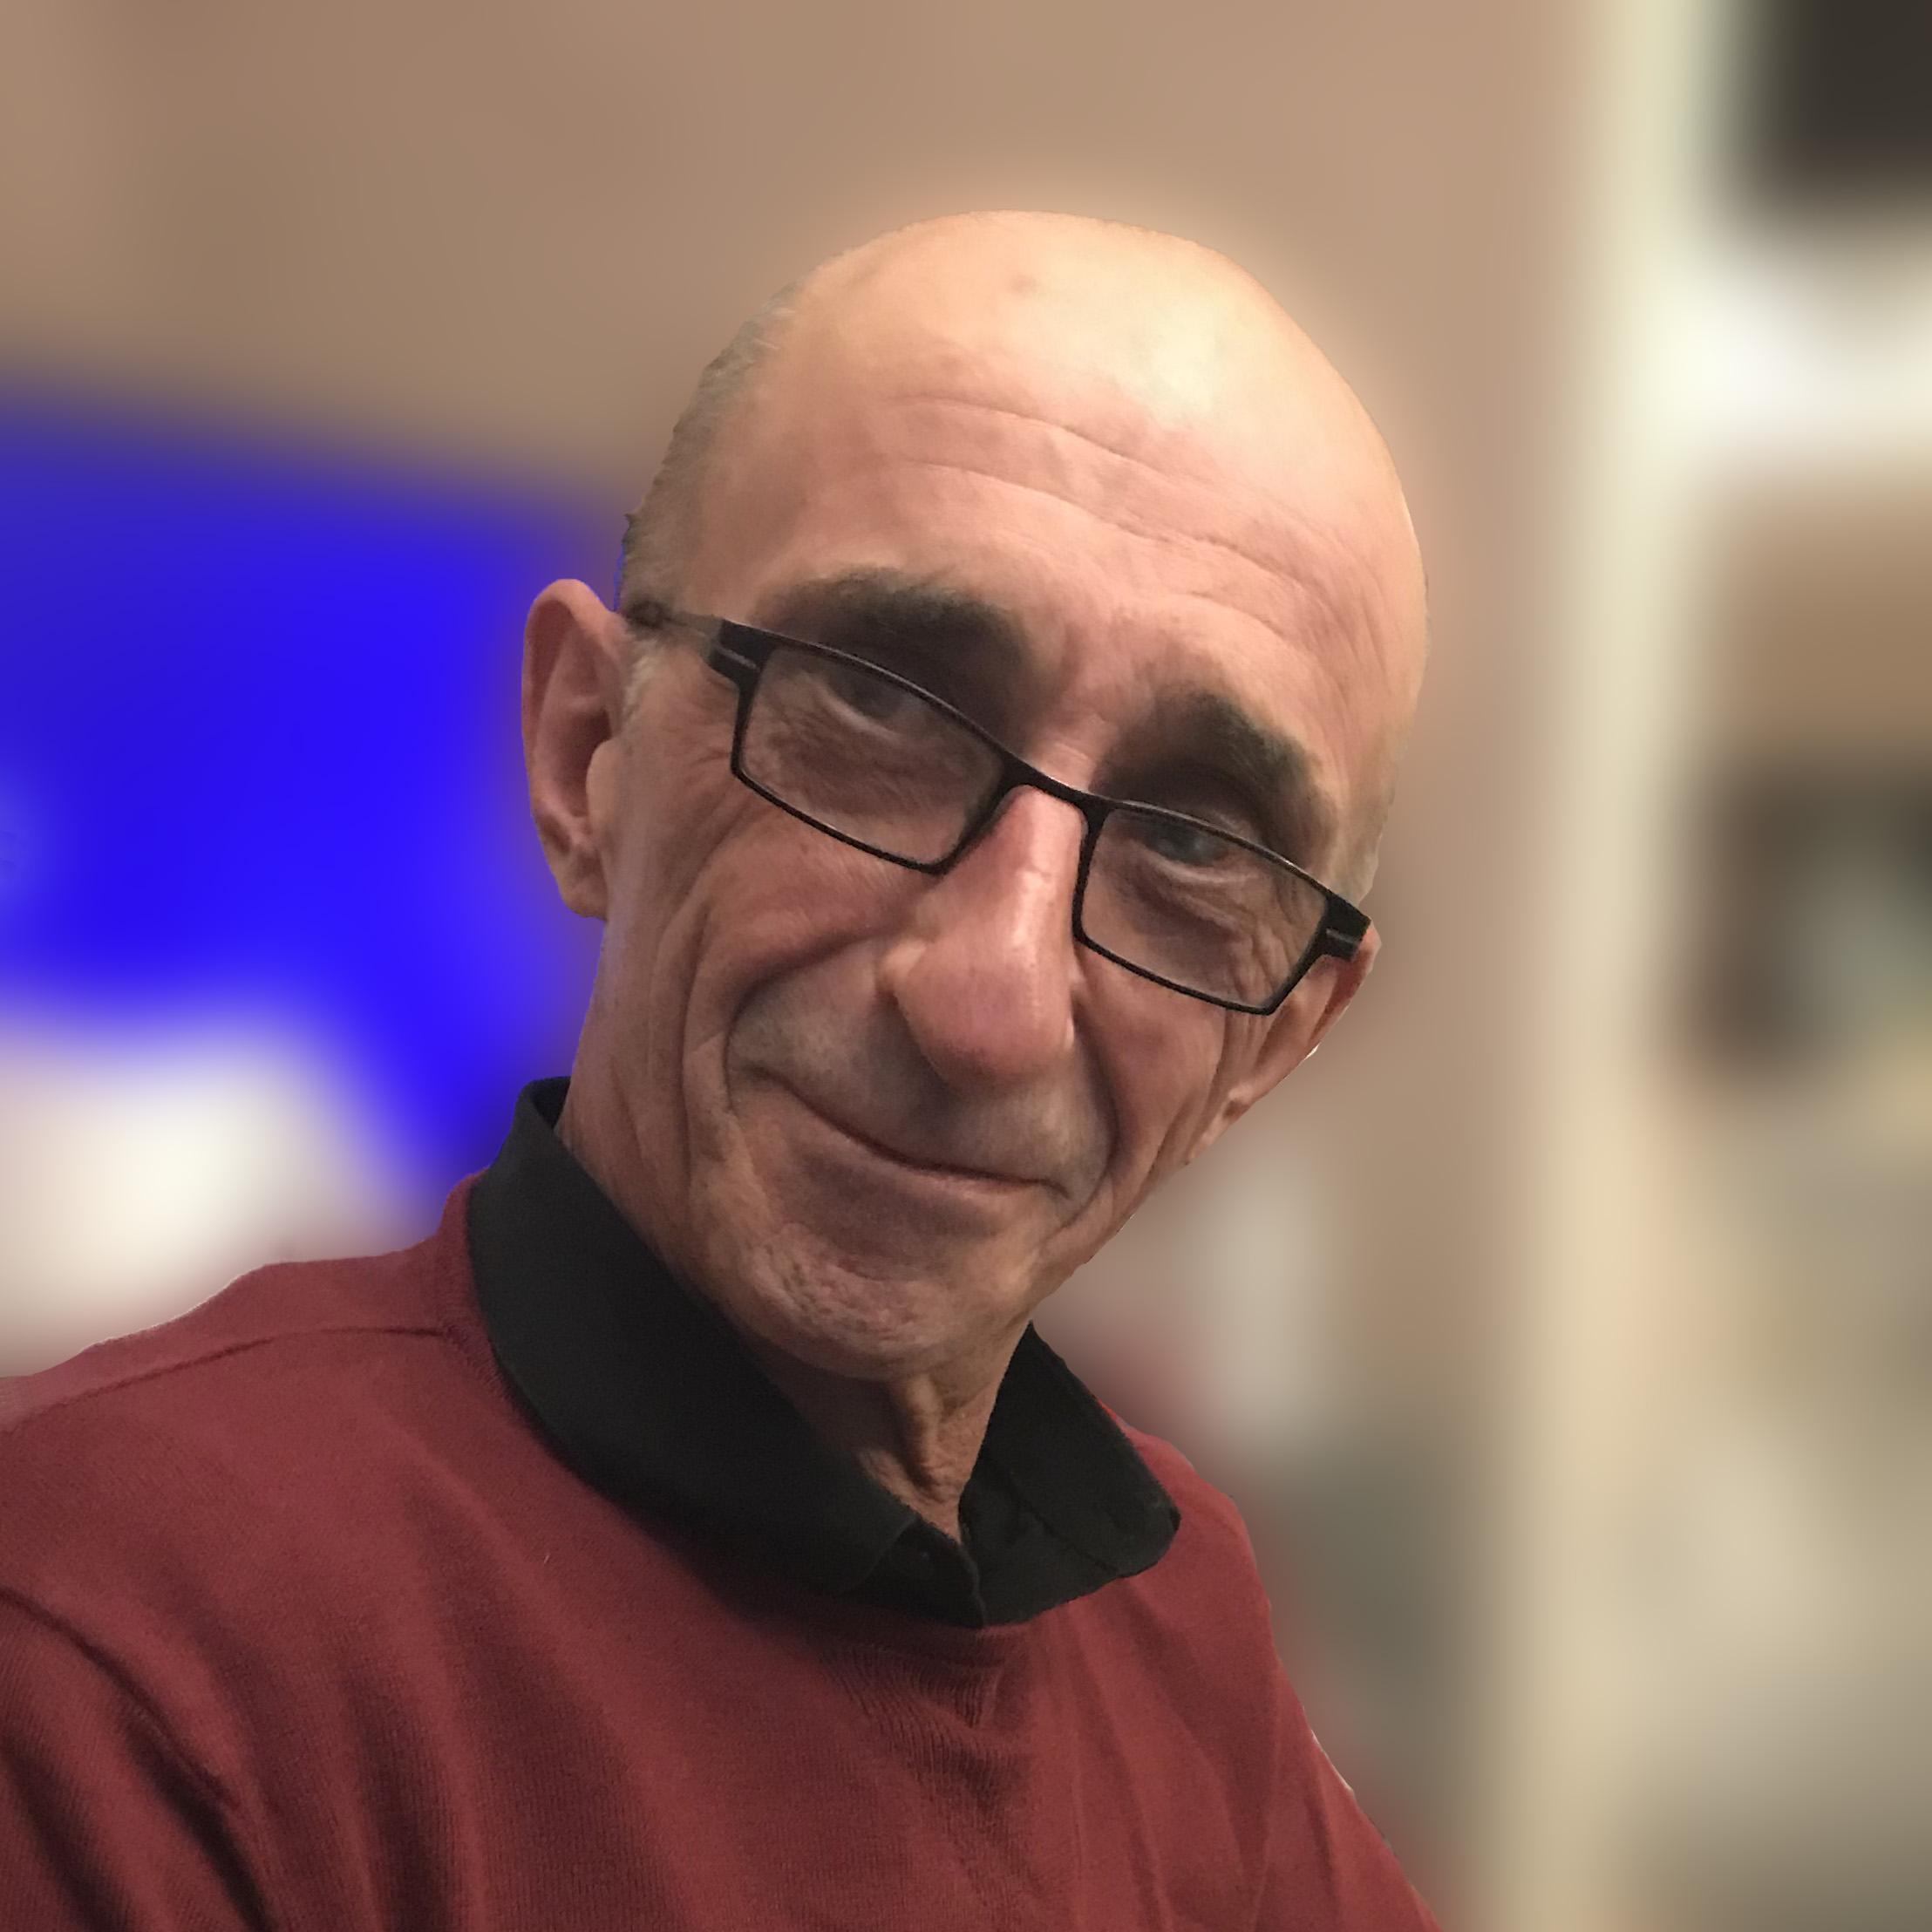 Marc Vierendeels geboren te Ninove op15 februari 1961 overleden te Aalst op 2 februari 2018